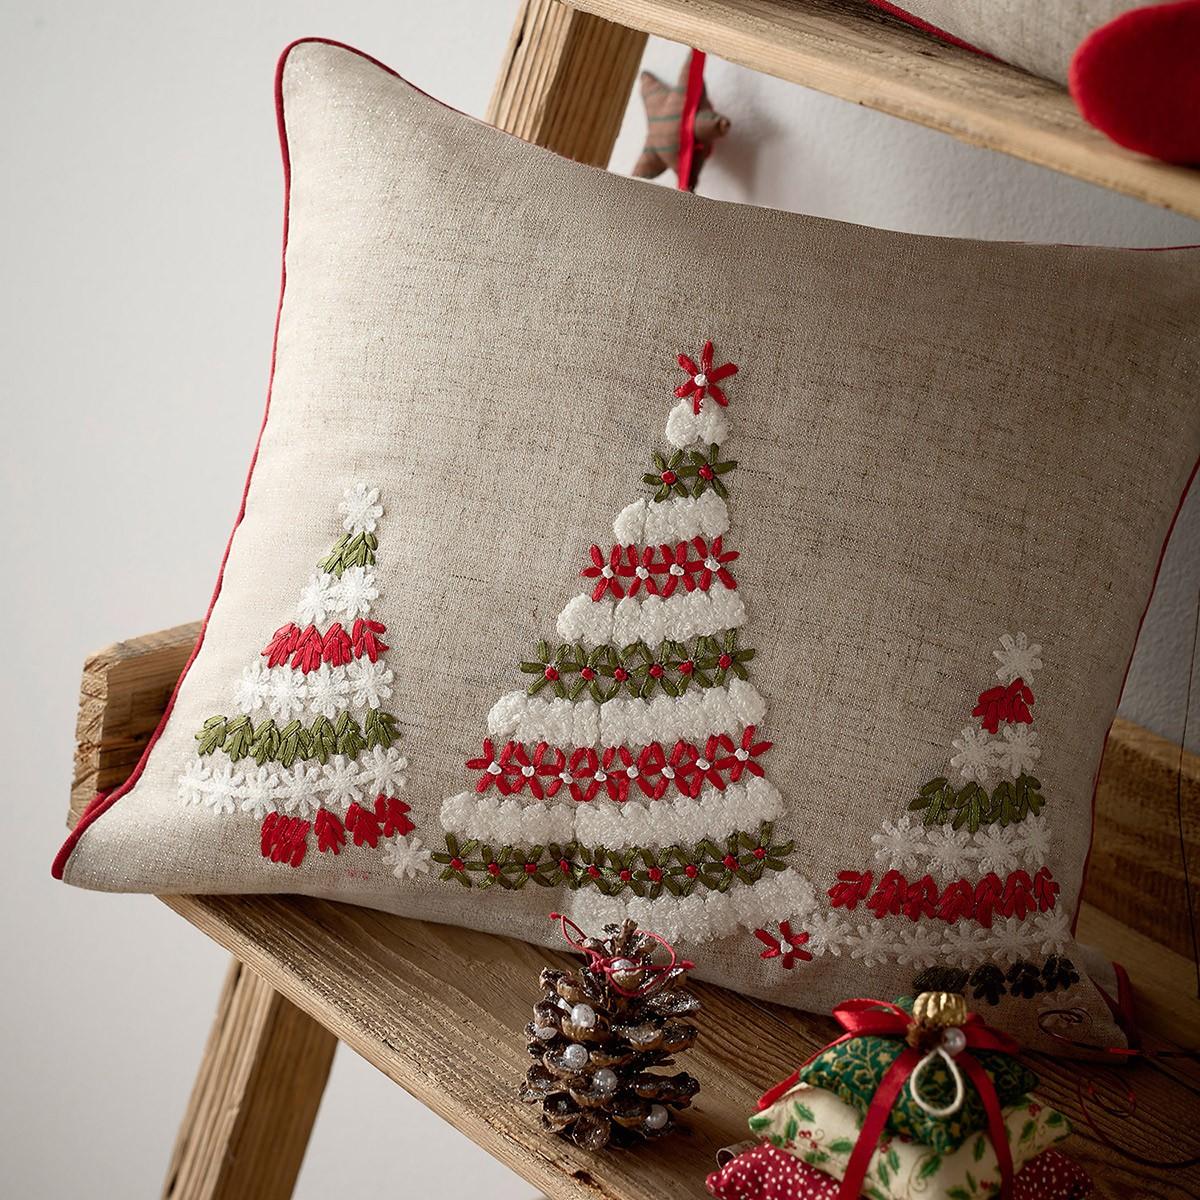 Χριστουγεννιάτικη Μαξιλαροθήκη Gofis Home 150 home   χριστουγεννιάτικα   χριστουγεννιάτικα μαξιλάρια